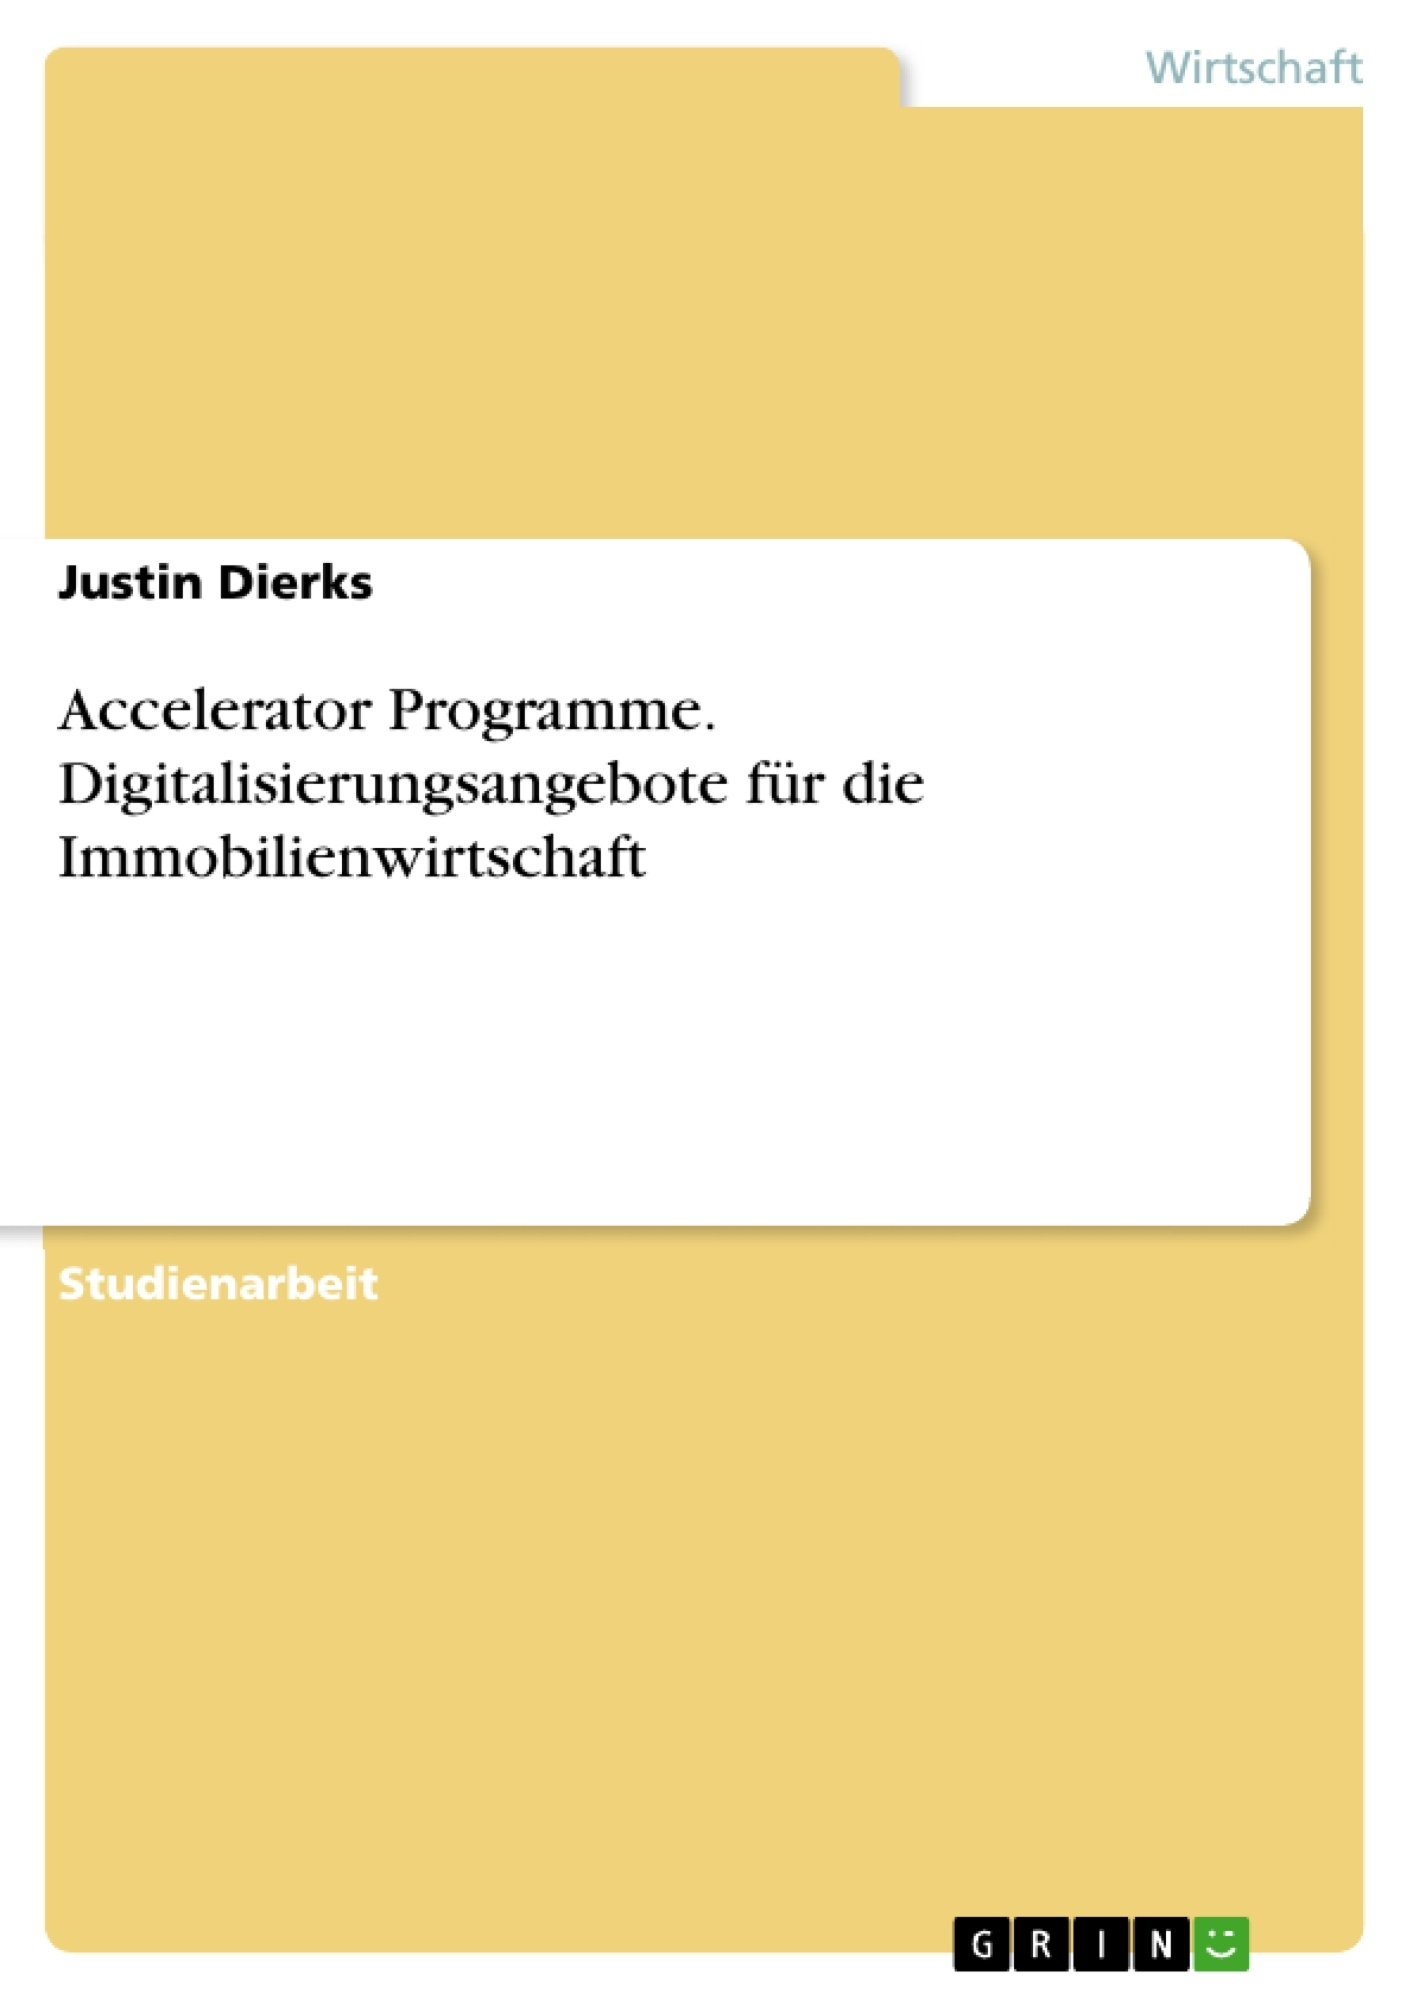 Titel: Accelerator Programme. Digitalisierungsangebote für die Immobilienwirtschaft